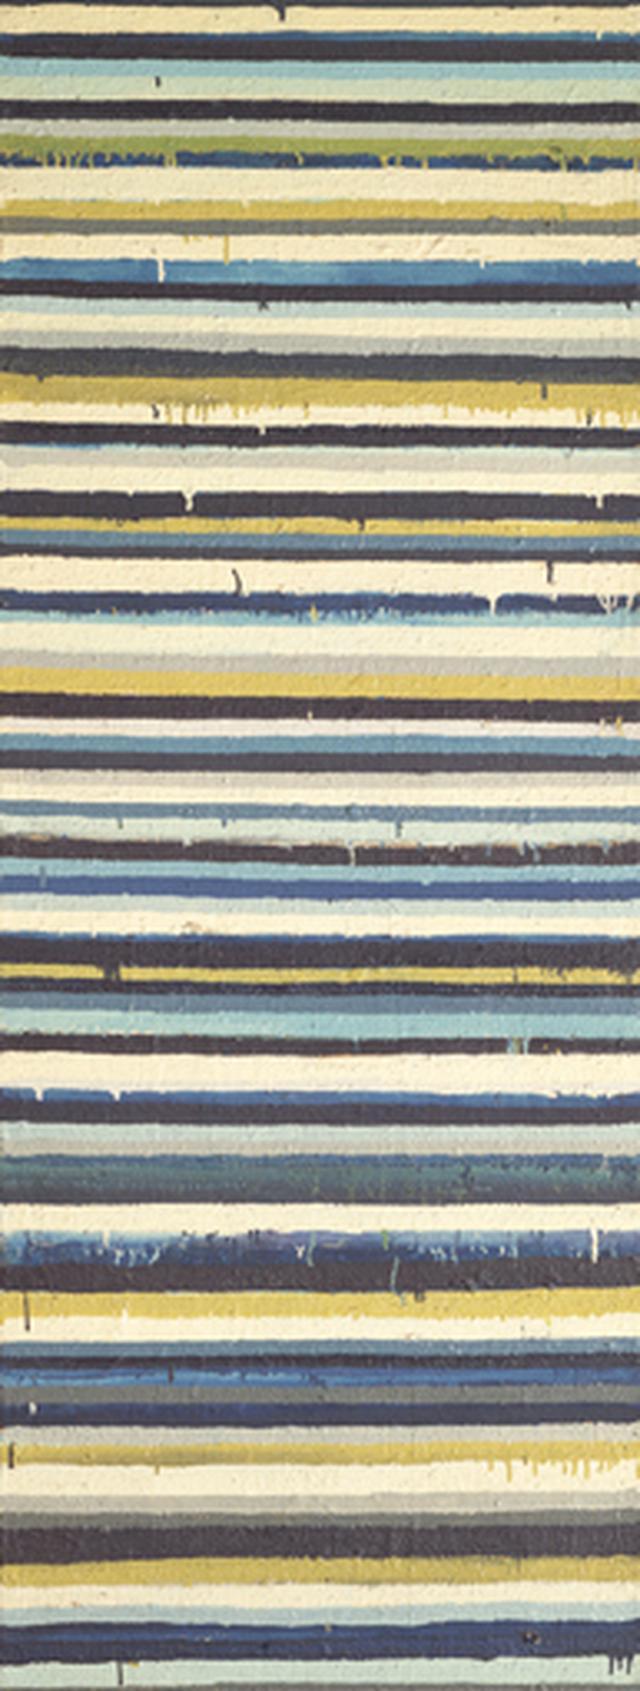 画像: 《Work C.77》1960年 油彩・キャンバス 180×68㎝ 東京国立近代美術館蔵